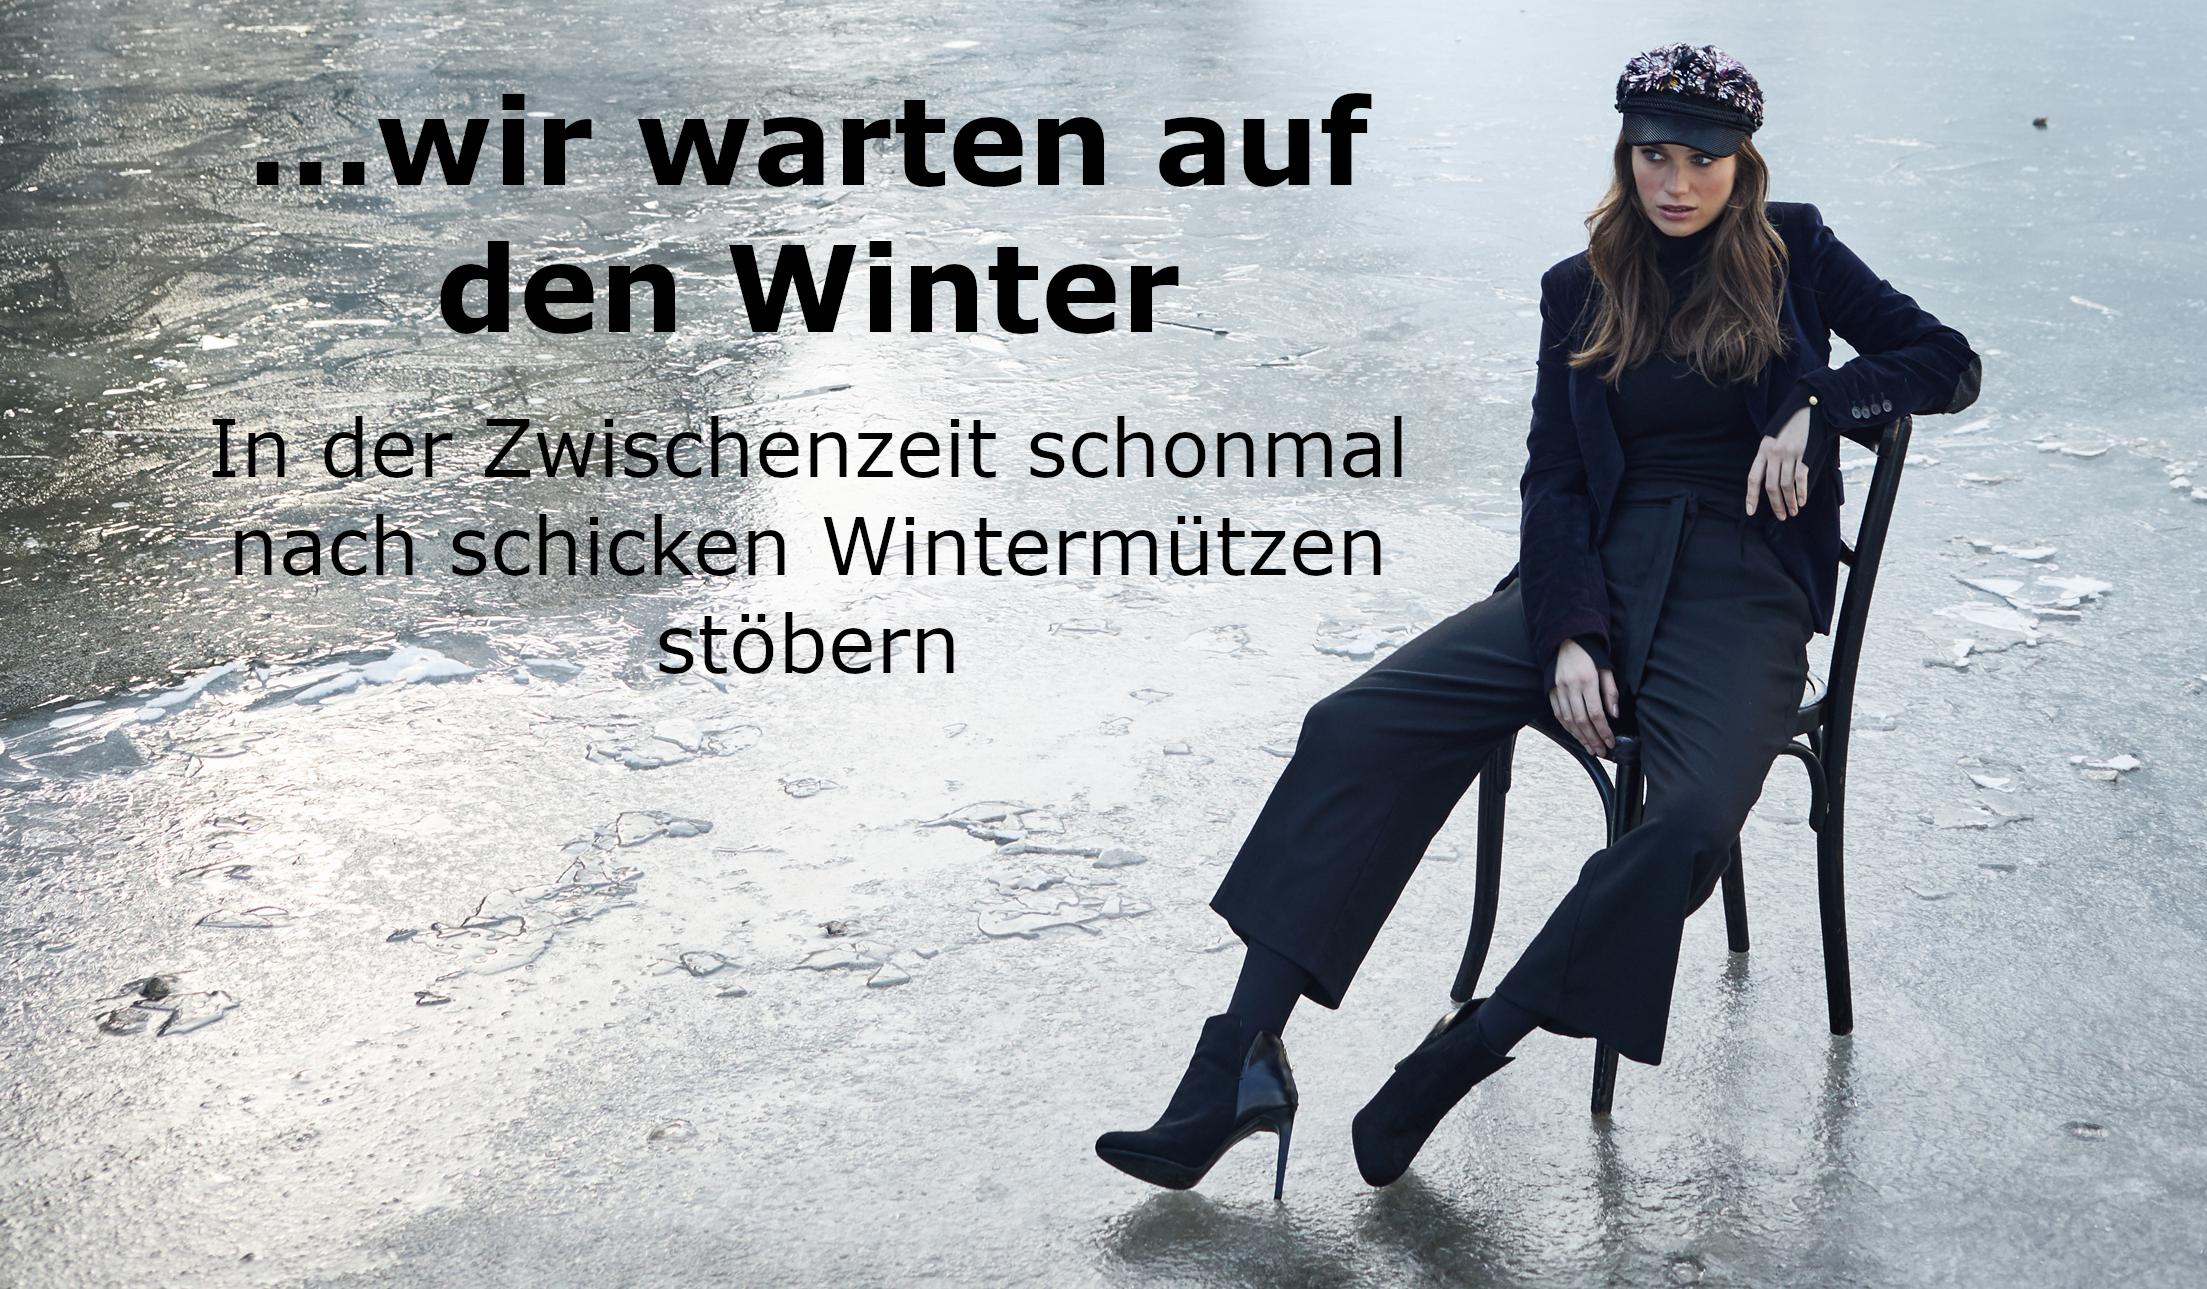 Wintermützen